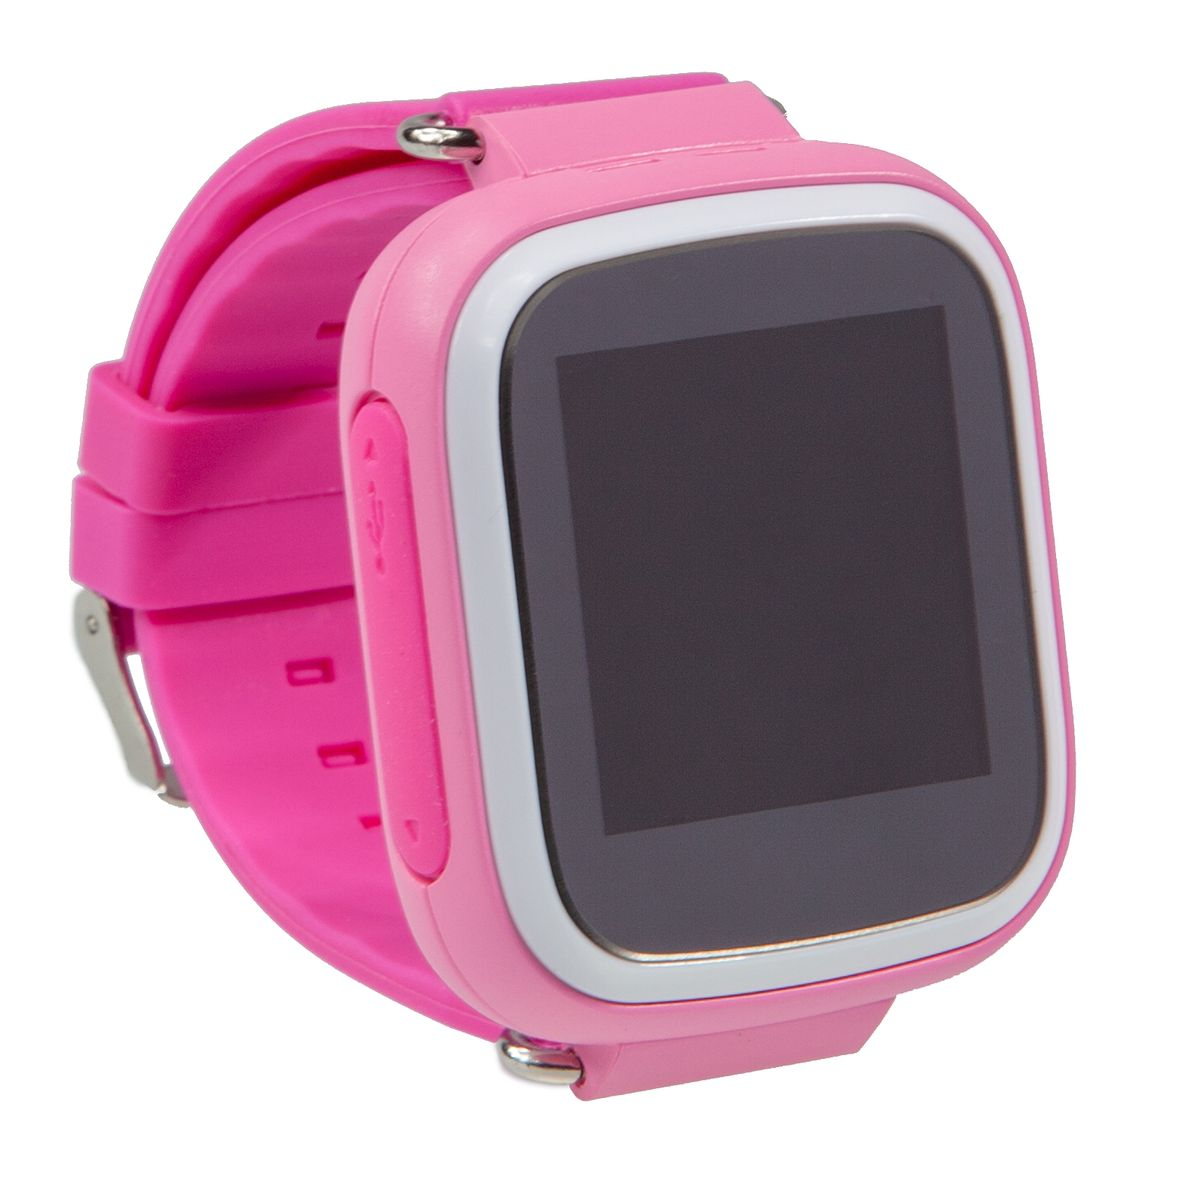 Prolike PLSW523, Pink умные детские часыPLSW523PKДетские часы Prolike PLSW523PK - простые и крайне функциональные смарт-часы, созданные для детей и их родителей. В сочетании с функционалом, данная модель может считаться по истине достойной внимания - ведь она и для родителей полезна, и малышу придется по душе. В часах используется карта формата microSIM, поддерживает 2G соединение с GPRS.